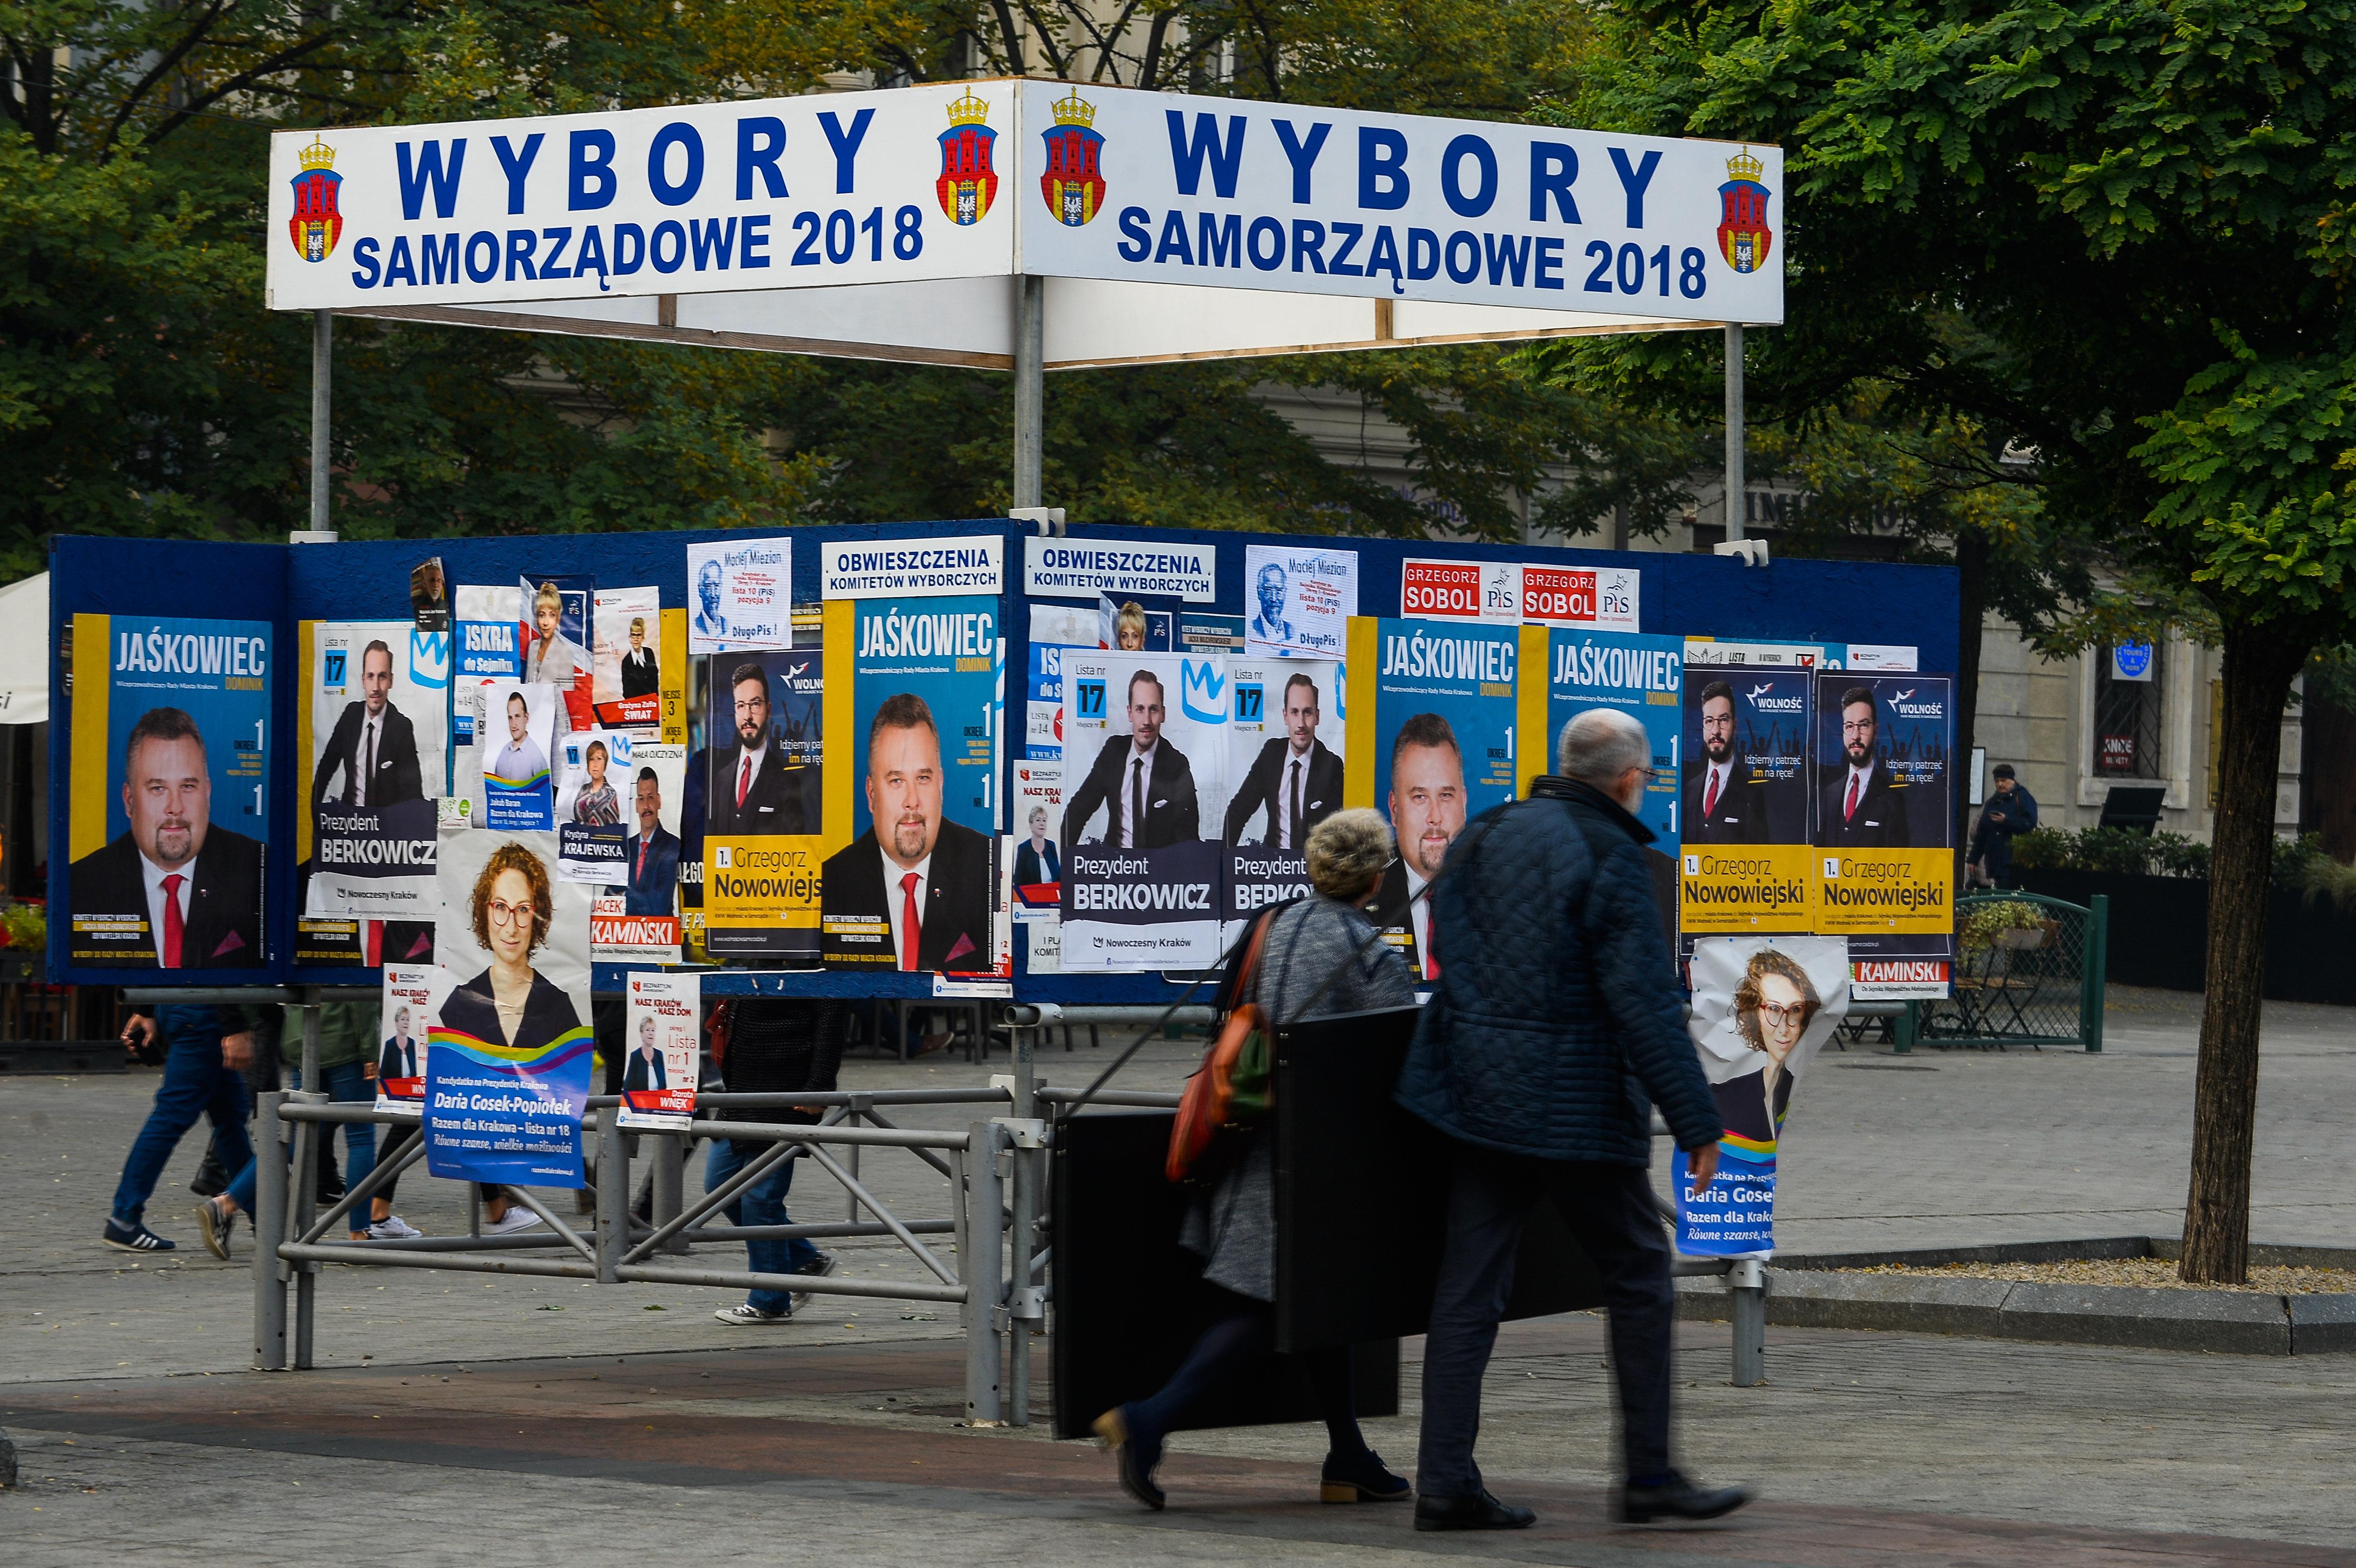 Στις κάλπες οι Πολωνοί για τις δημοτικές με την κυβέρνηση να «προειδοποιεί» για την «απειλή» των